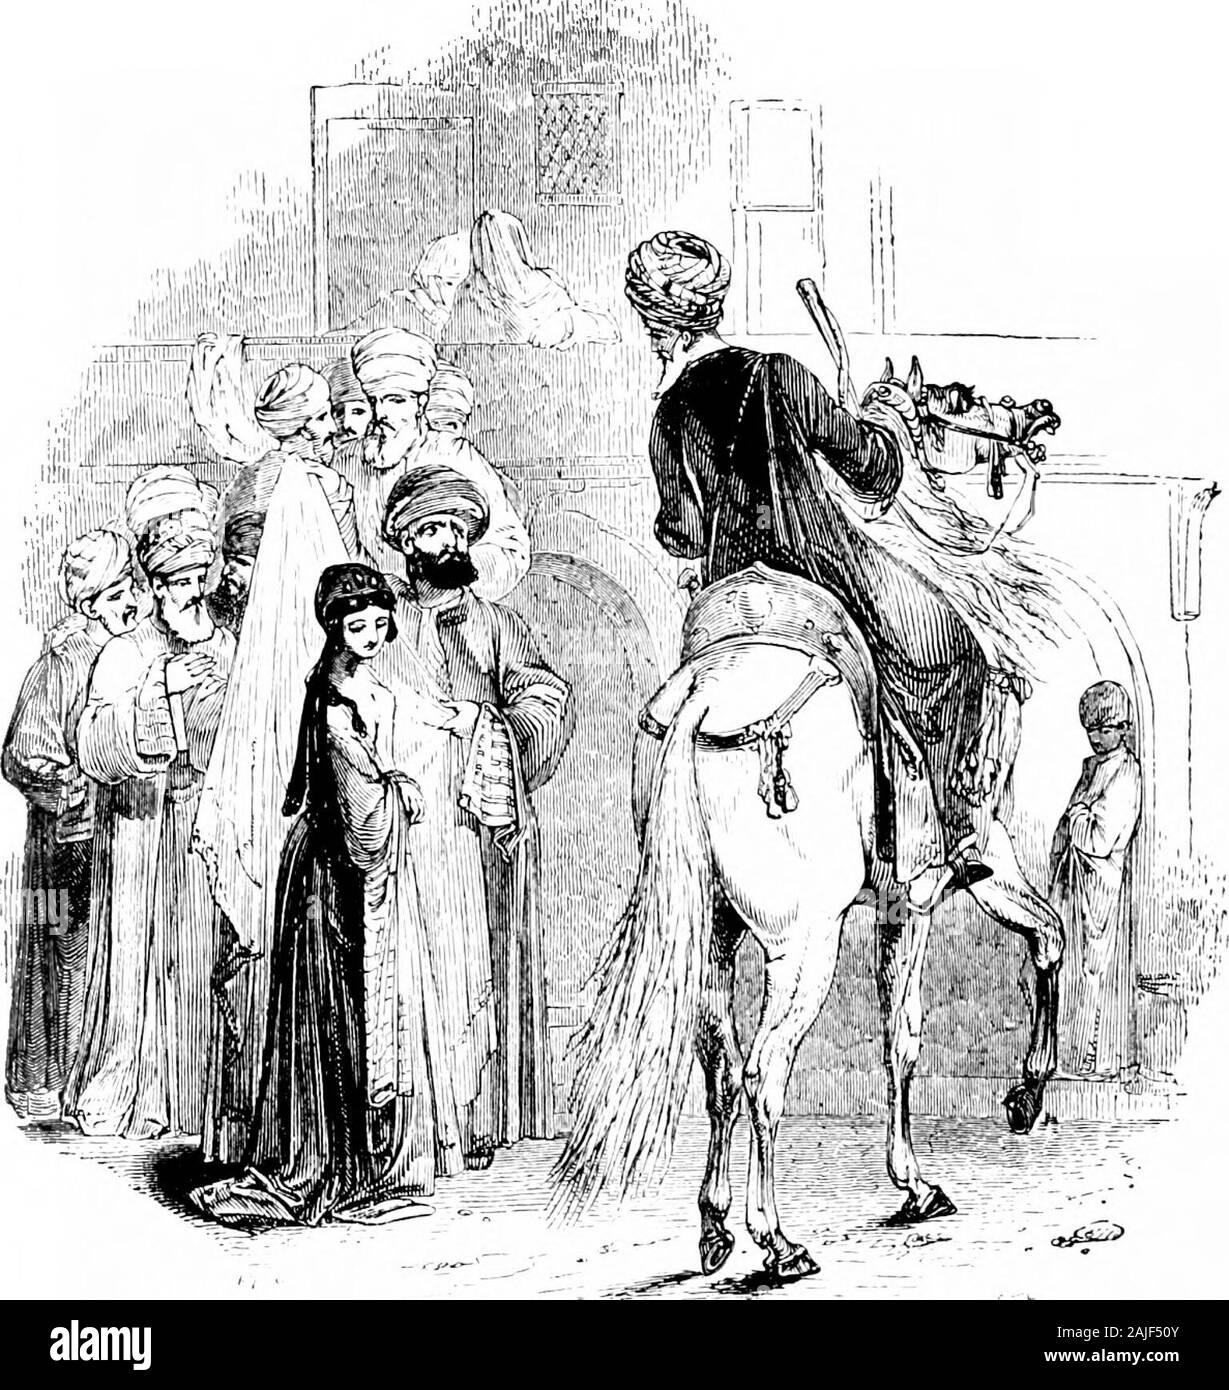 Las mil y una noches (volumen 1): comúnmente llamado, en Inglaterra, el Arabian nights' entretenimientos . -Swered, con cuatro mil y quinientos piezas de oro.14 Pero he aquí, el hijo de El-Moeen Wezeer Sawee estaba en el mercado,y, viendo Alee Noor-ed-Deen ahí de pie, dijo dentro de él a sí mismo, lo que hace que quieras aquí, que no tiene nada de izquierda a wherewith pur-Chase esclavas ? A continuación, echando sus ojos alrededor y audiencia thebroker cuando estaba llorando en el mercado con los comerciantes aroundhim, dijo dentro de sí, no puedo imaginar nada más que el hath thathe convertido en quiebra, y com Foto de stock